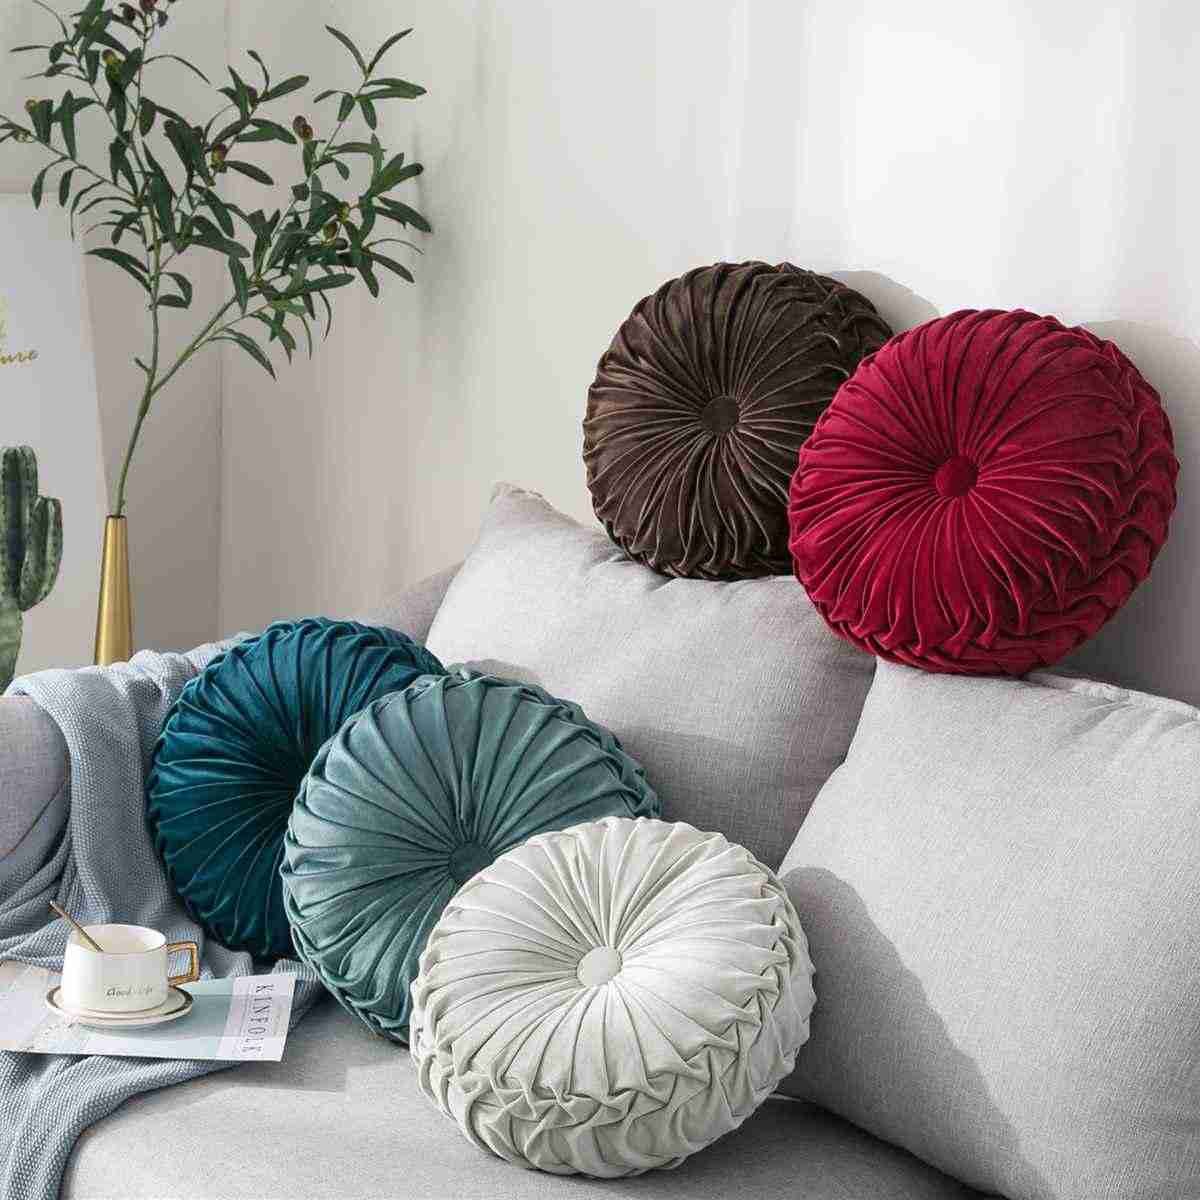 4 couleurs ronde en forme de coussin coussin siège lit canapé Pad Core velours tissu voiture dos coussin 35x8 cm maison chambre décoration